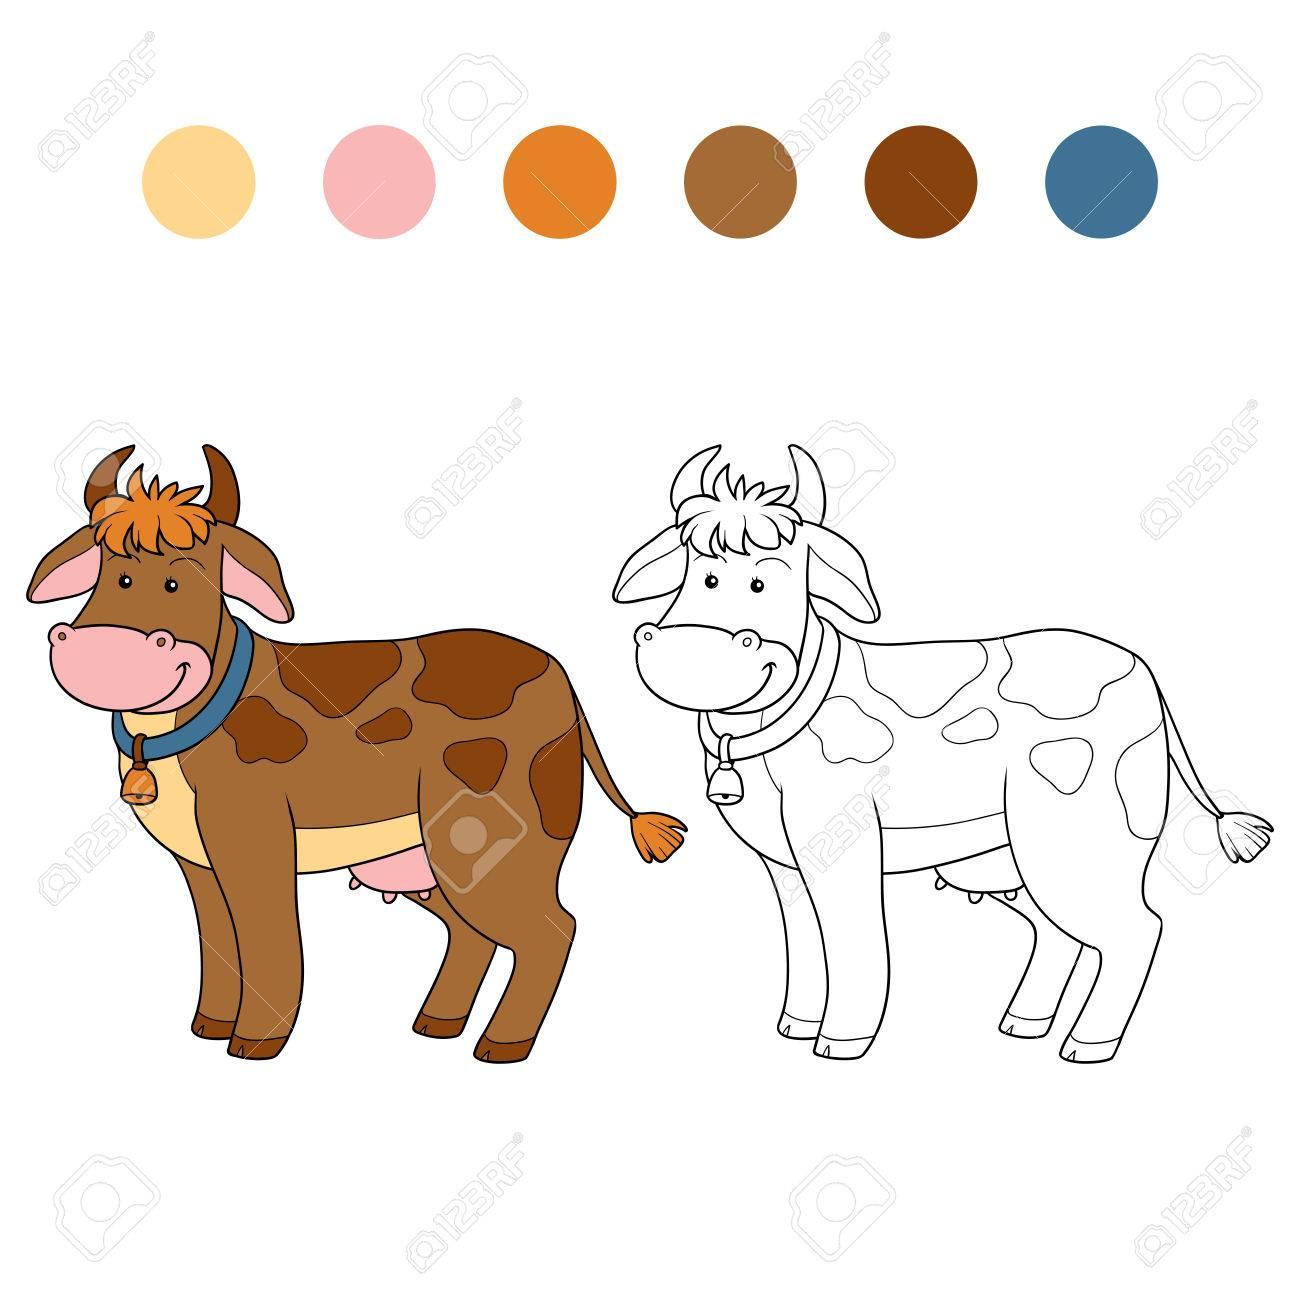 Juego Para Los Niños: Libro Para Colorear (vaca) Ilustraciones ...